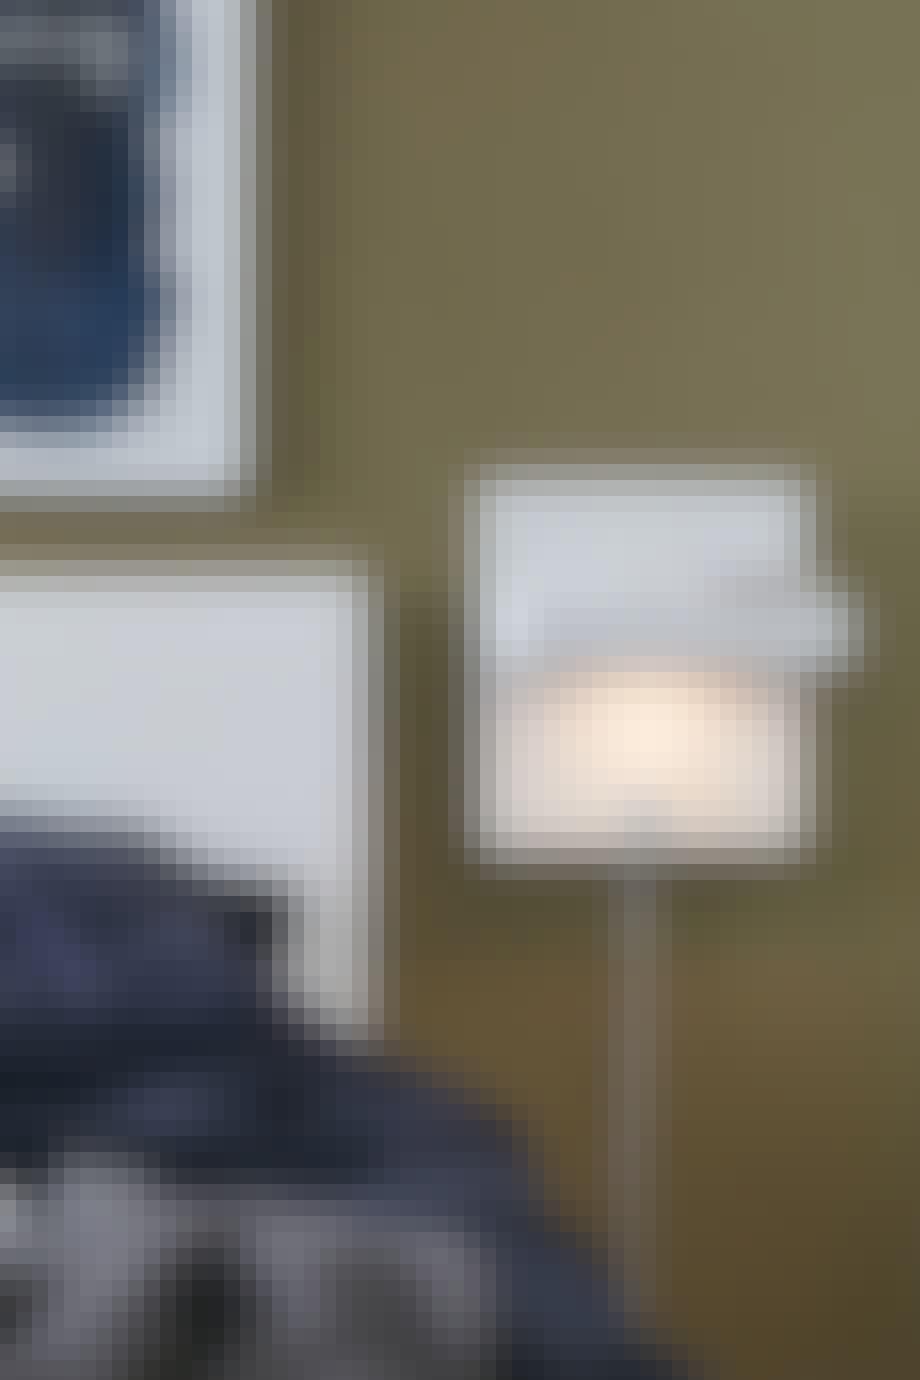 Lampe og lader i ett